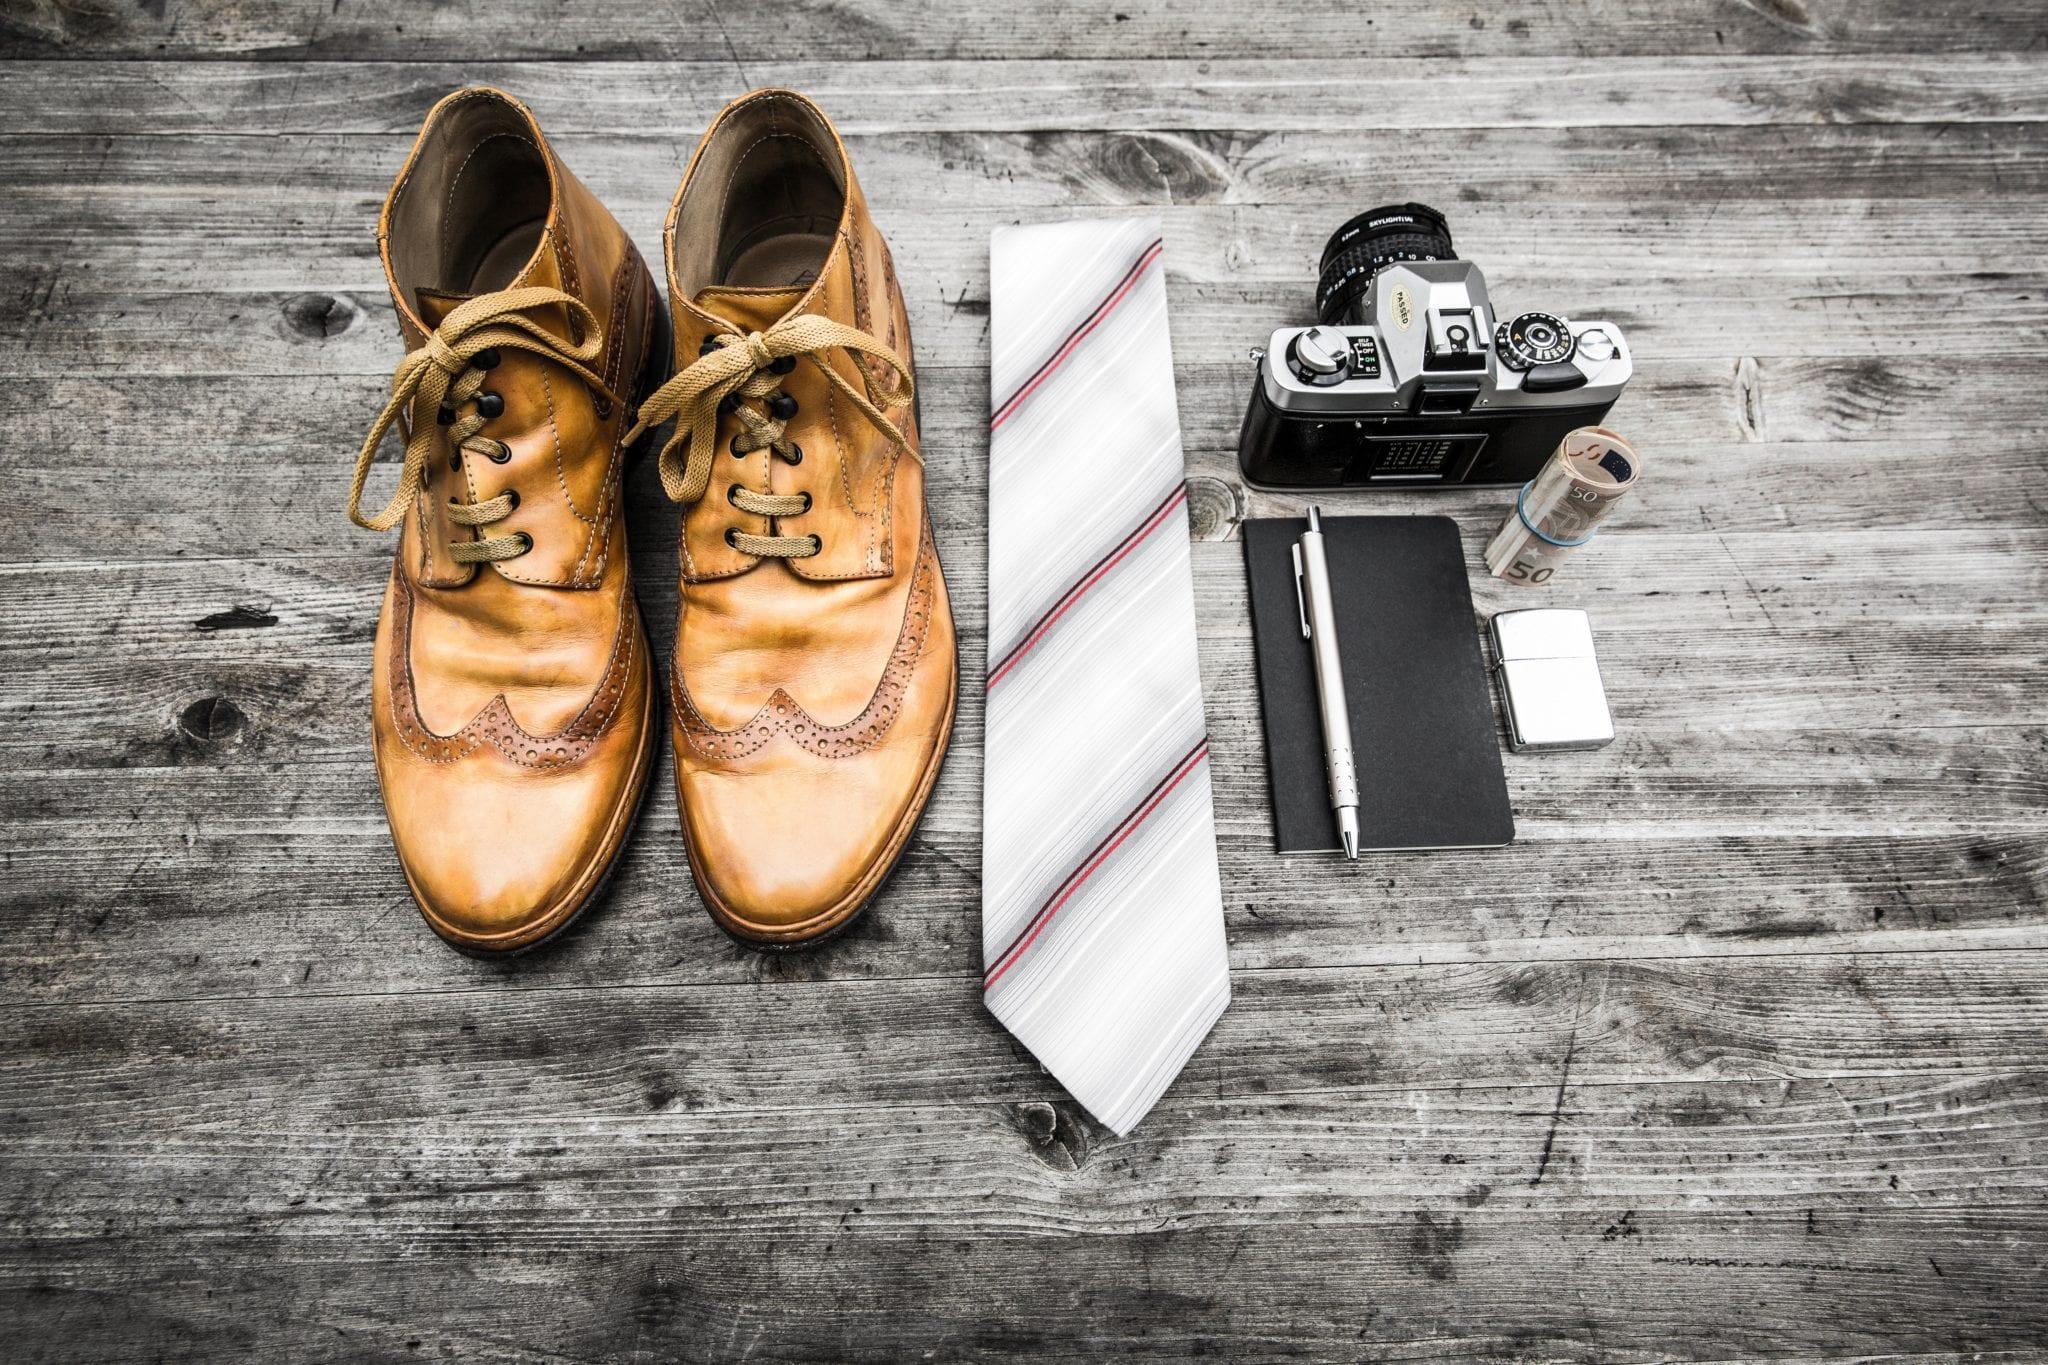 รองเท้าคัทชูผู้ชาย รองเท้าคัทชู รองเท้าผู้ชาย รองเท้าคัทชูชาย